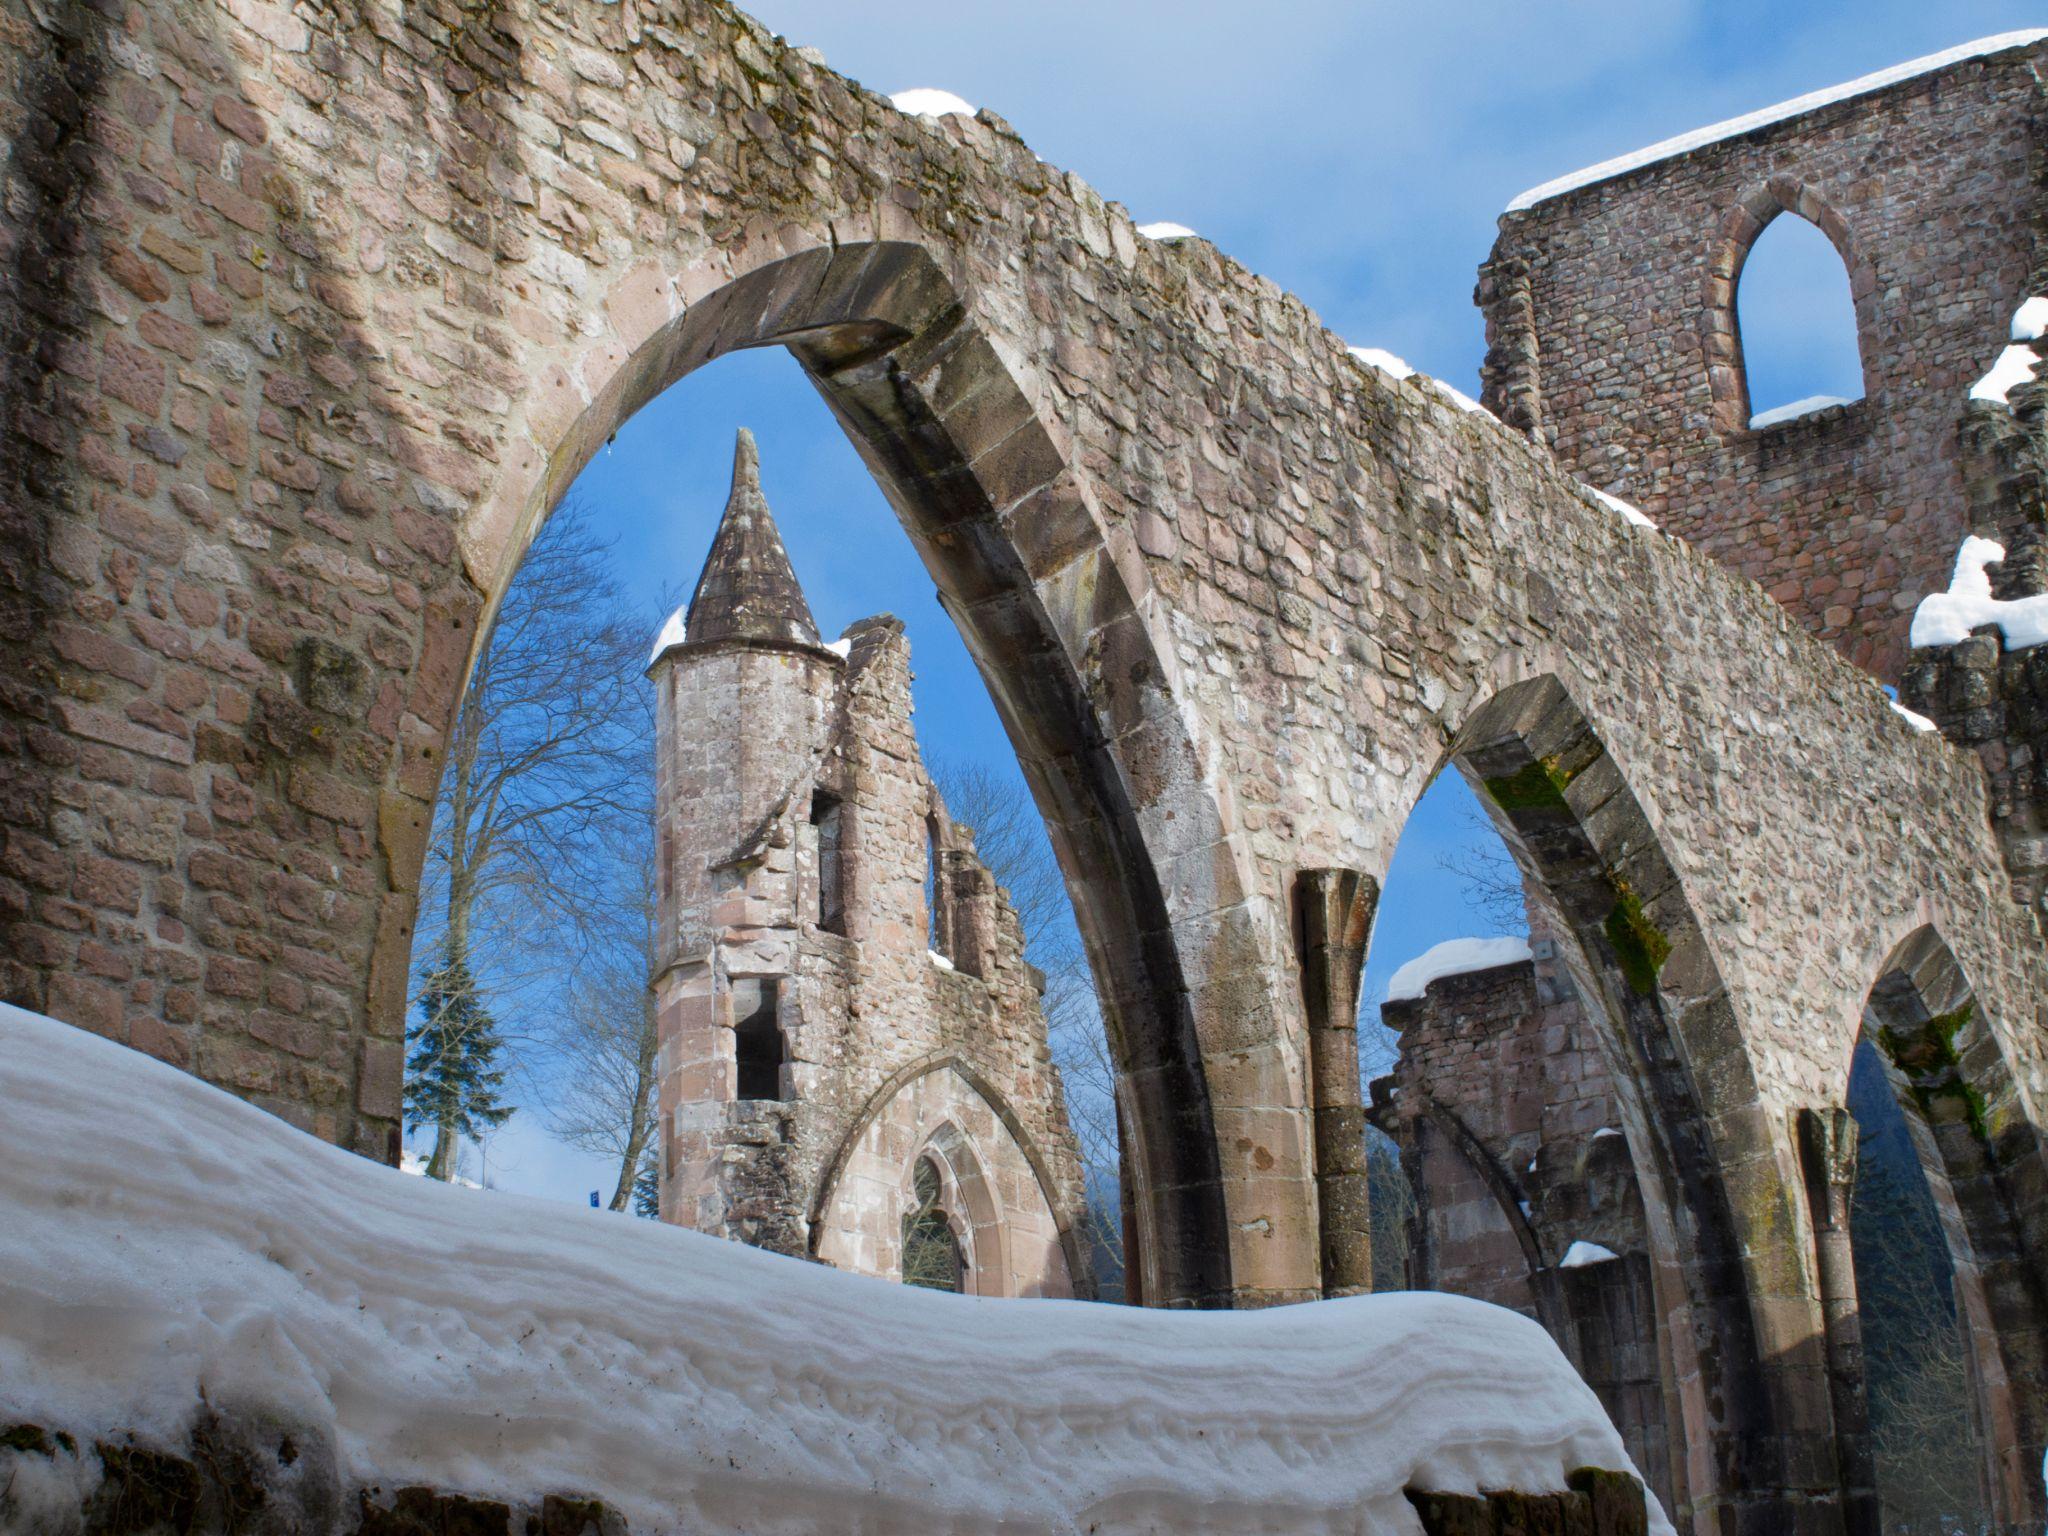 Klosterruine Allerheiligen (Ruins of All Saints' Abbey), Germany